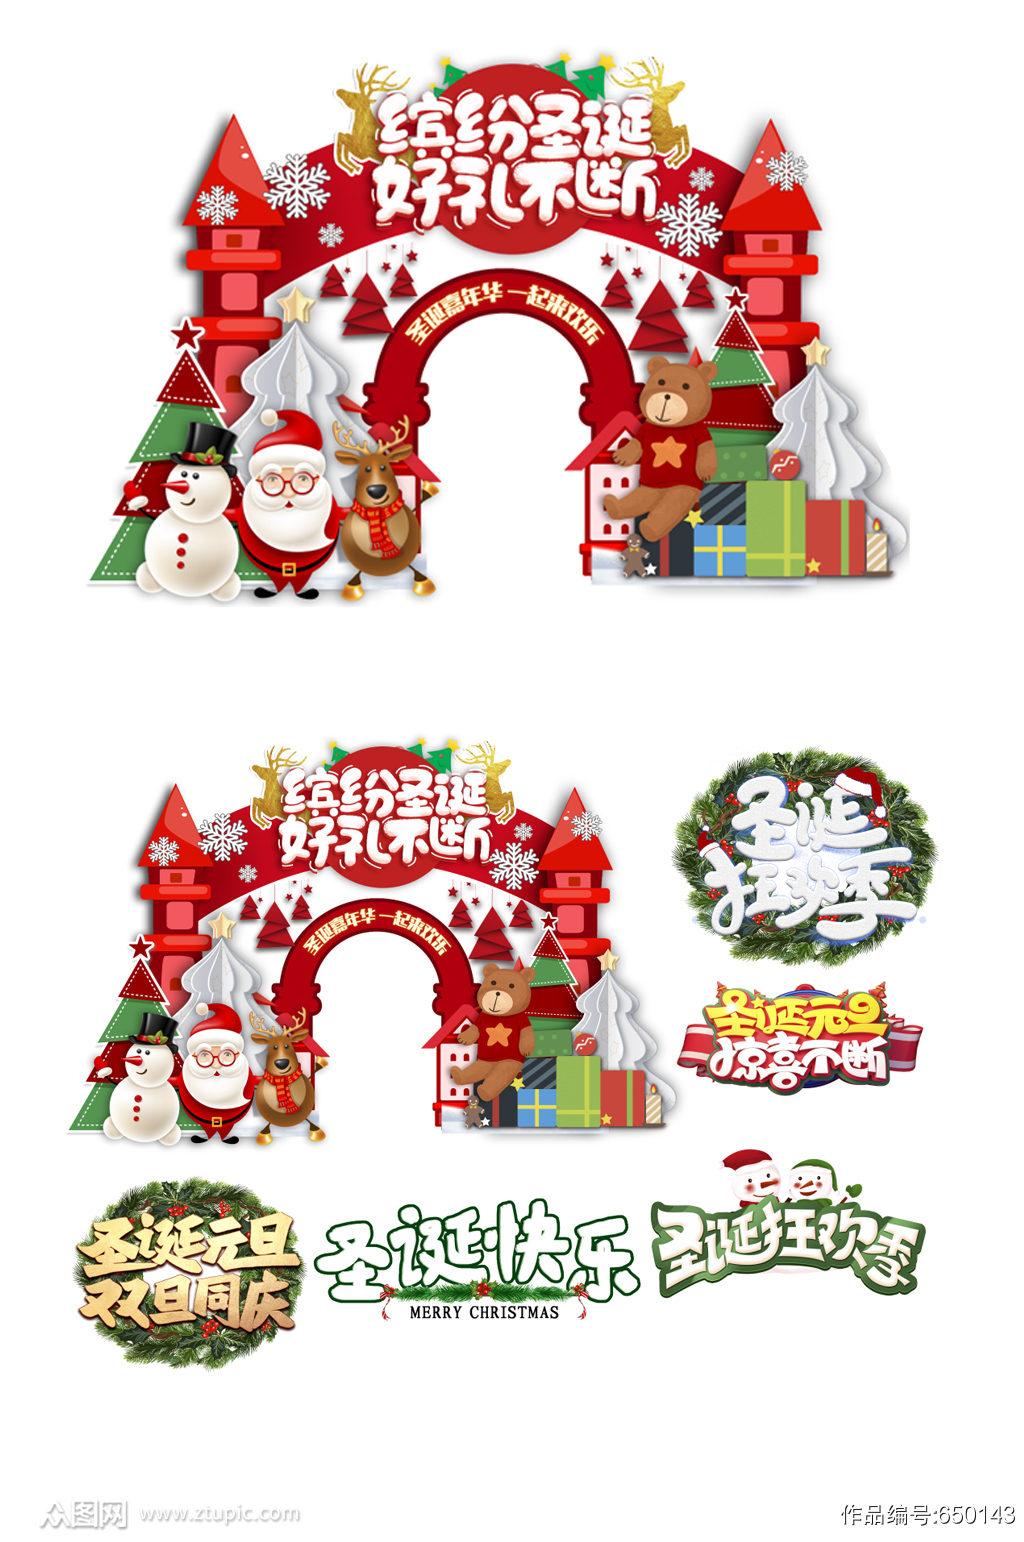 缤纷圣诞节拱门设计圣诞节美陈素材